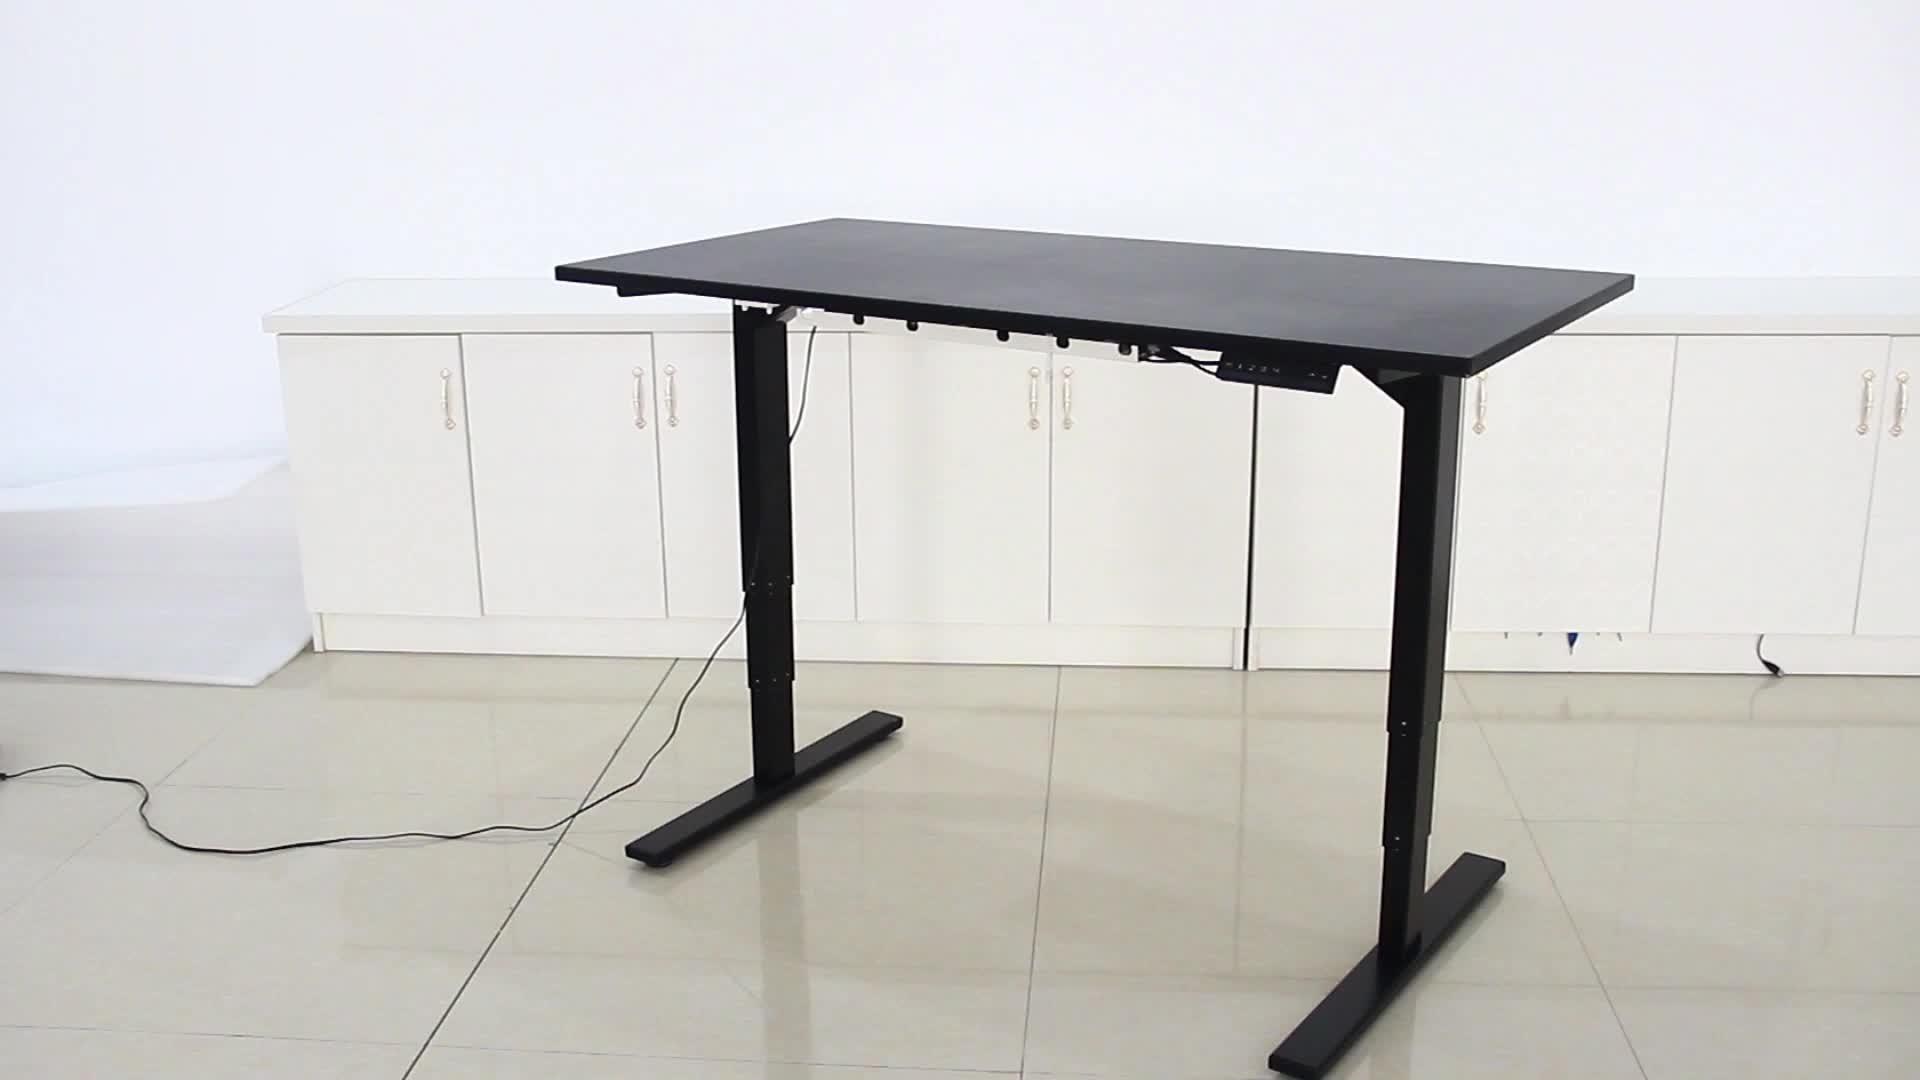 Двойной мотор стоя стол высота регулируемая подъемная Колонка для стола